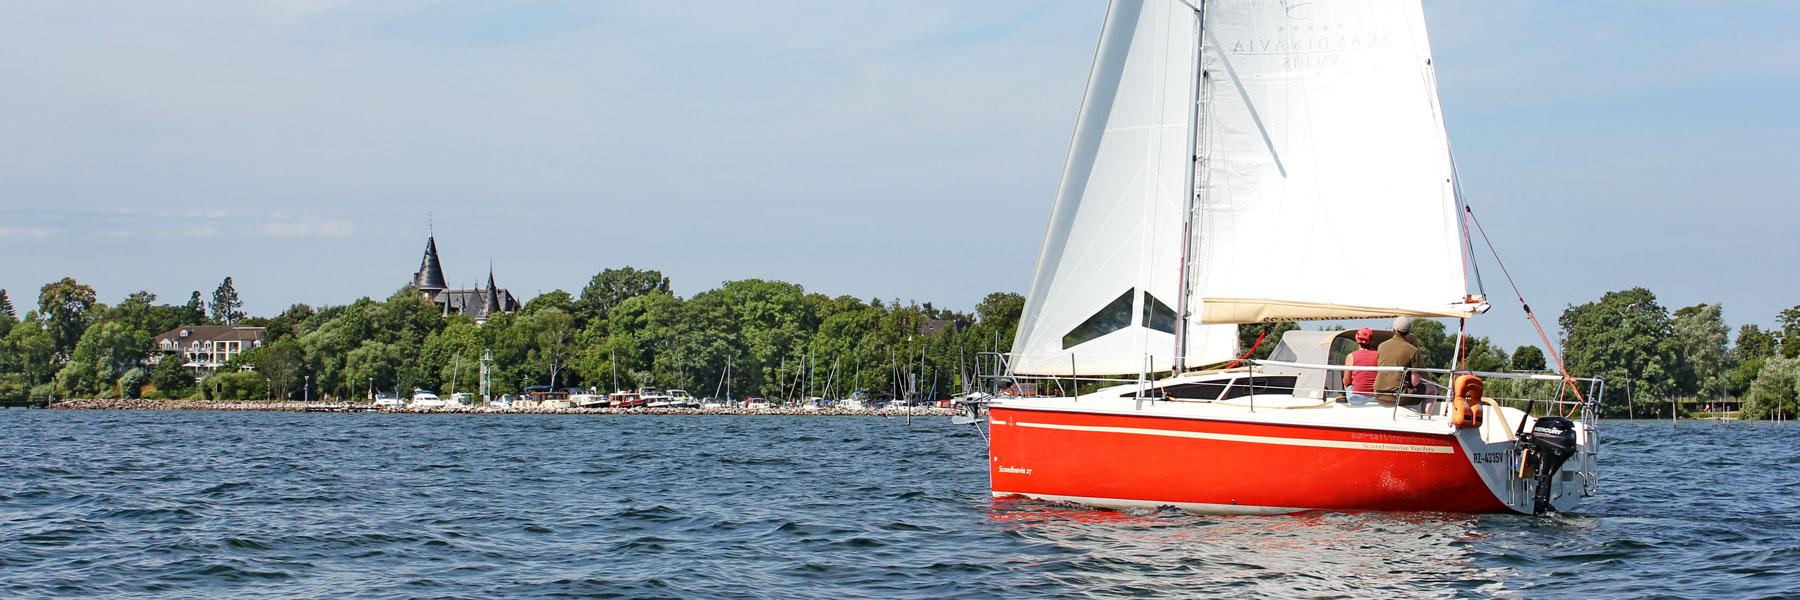 Segeltörn Müritz mit der Scandinavia - Sun Sailing Müritz